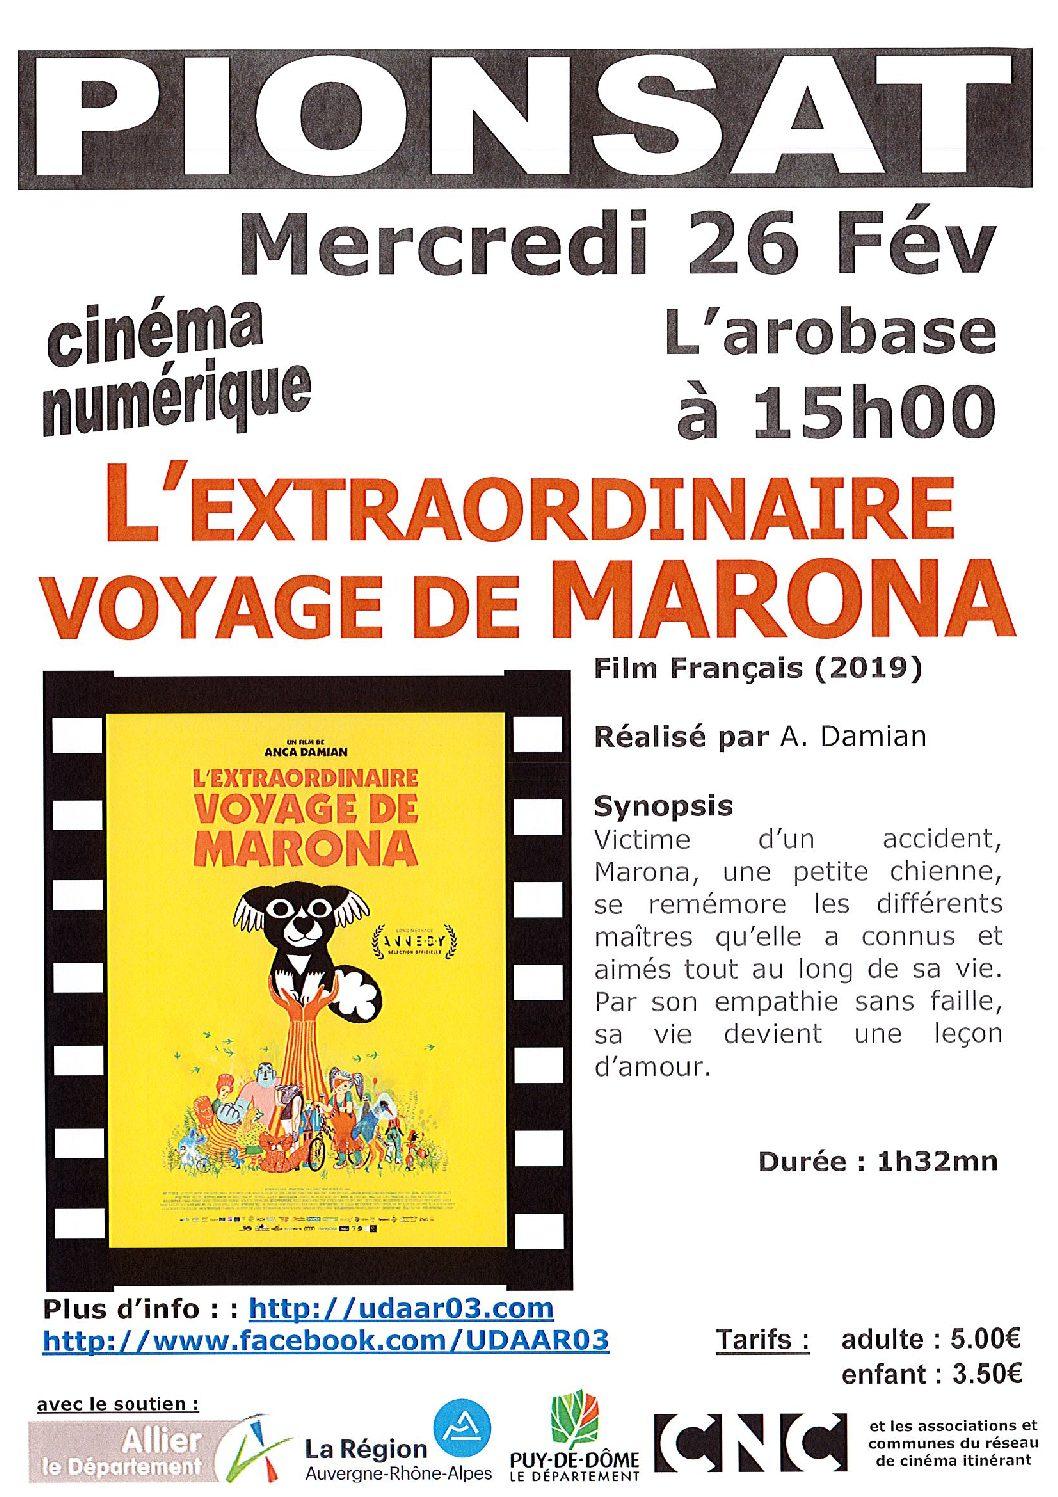 CINEMA DU 26 FEVRIER